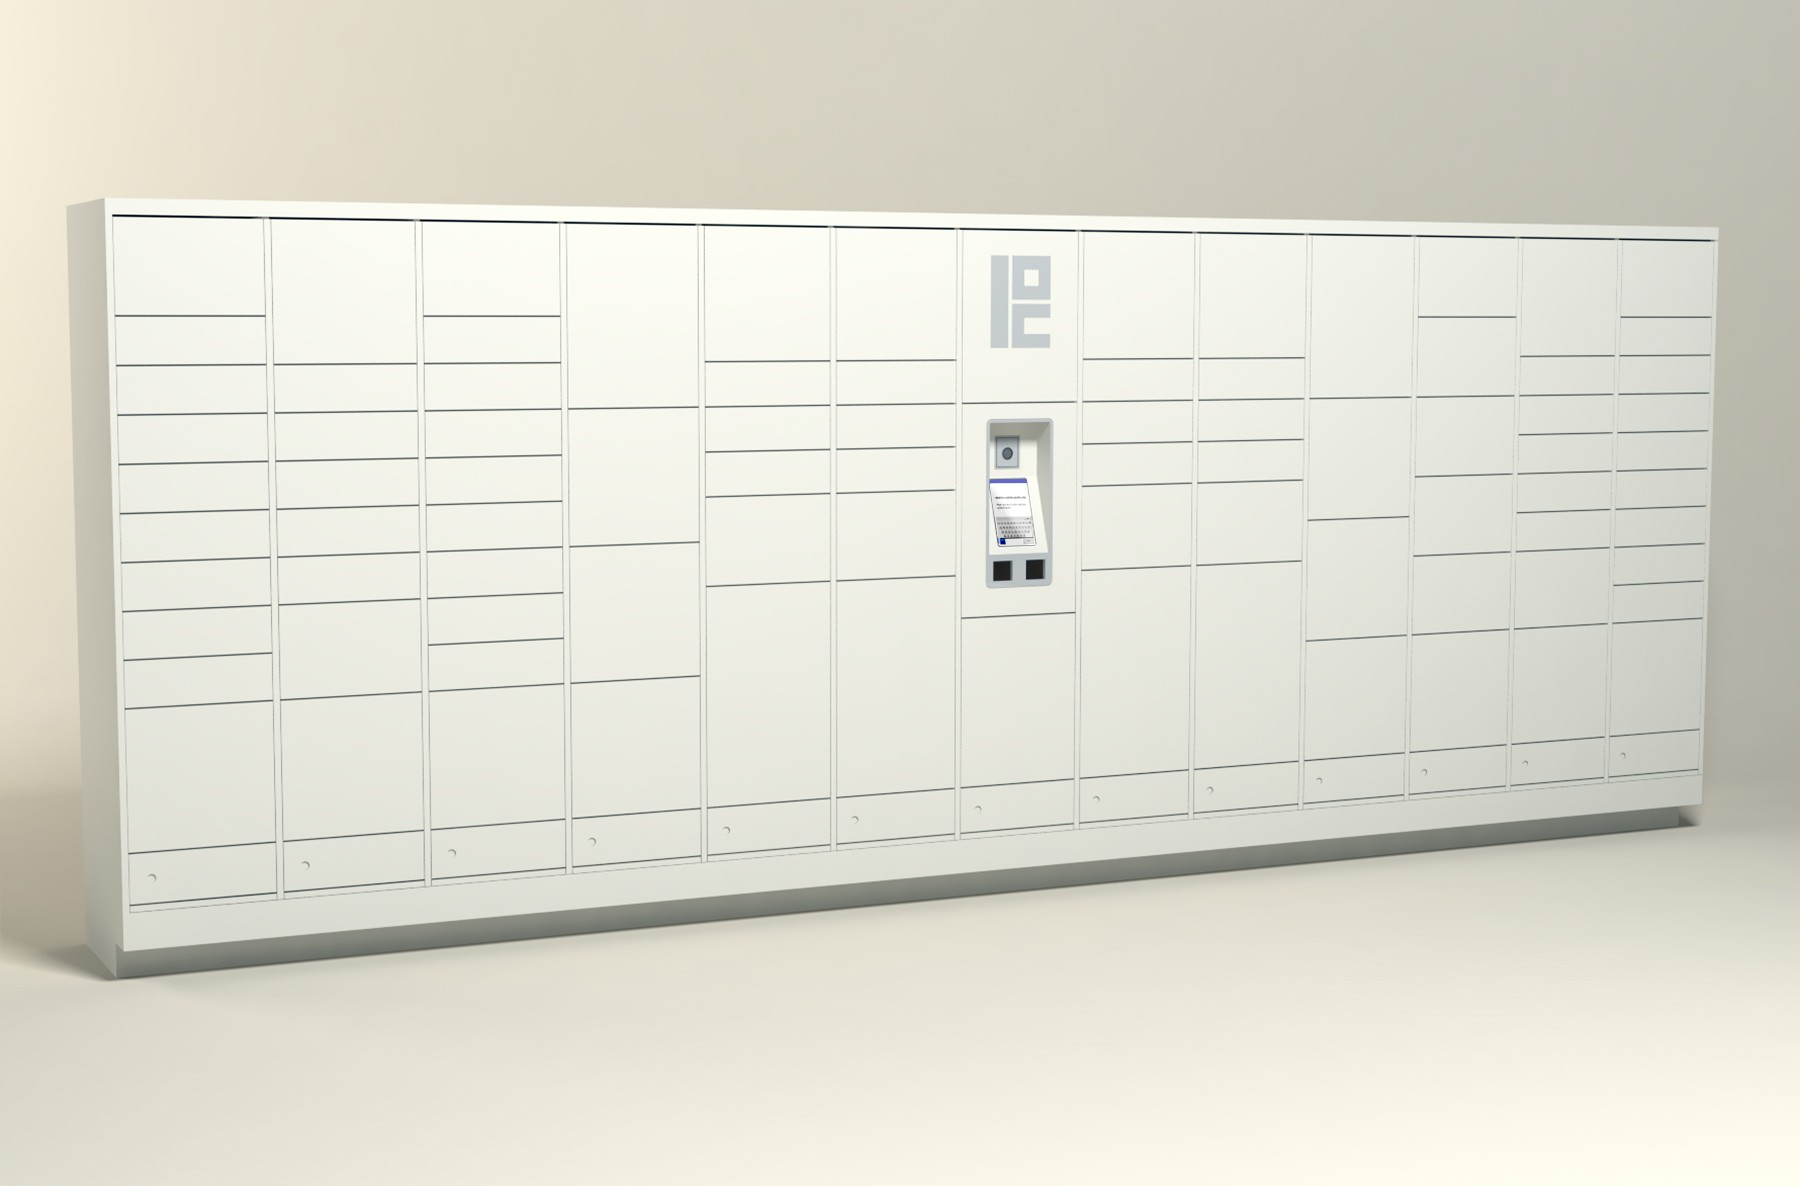 300 Unit - 86 Total Openings - Steel Smart Locker